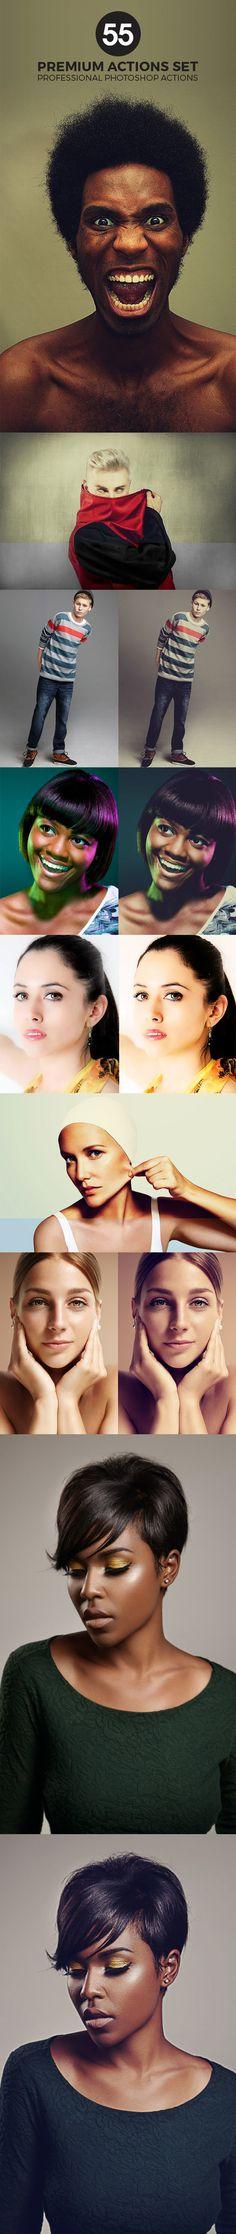 55 Premium Photoshop Actions Set #photoeffect Download: http://graphicriver.net/item/55-premium-photoshop-actions-set/14330928?ref=ksioks